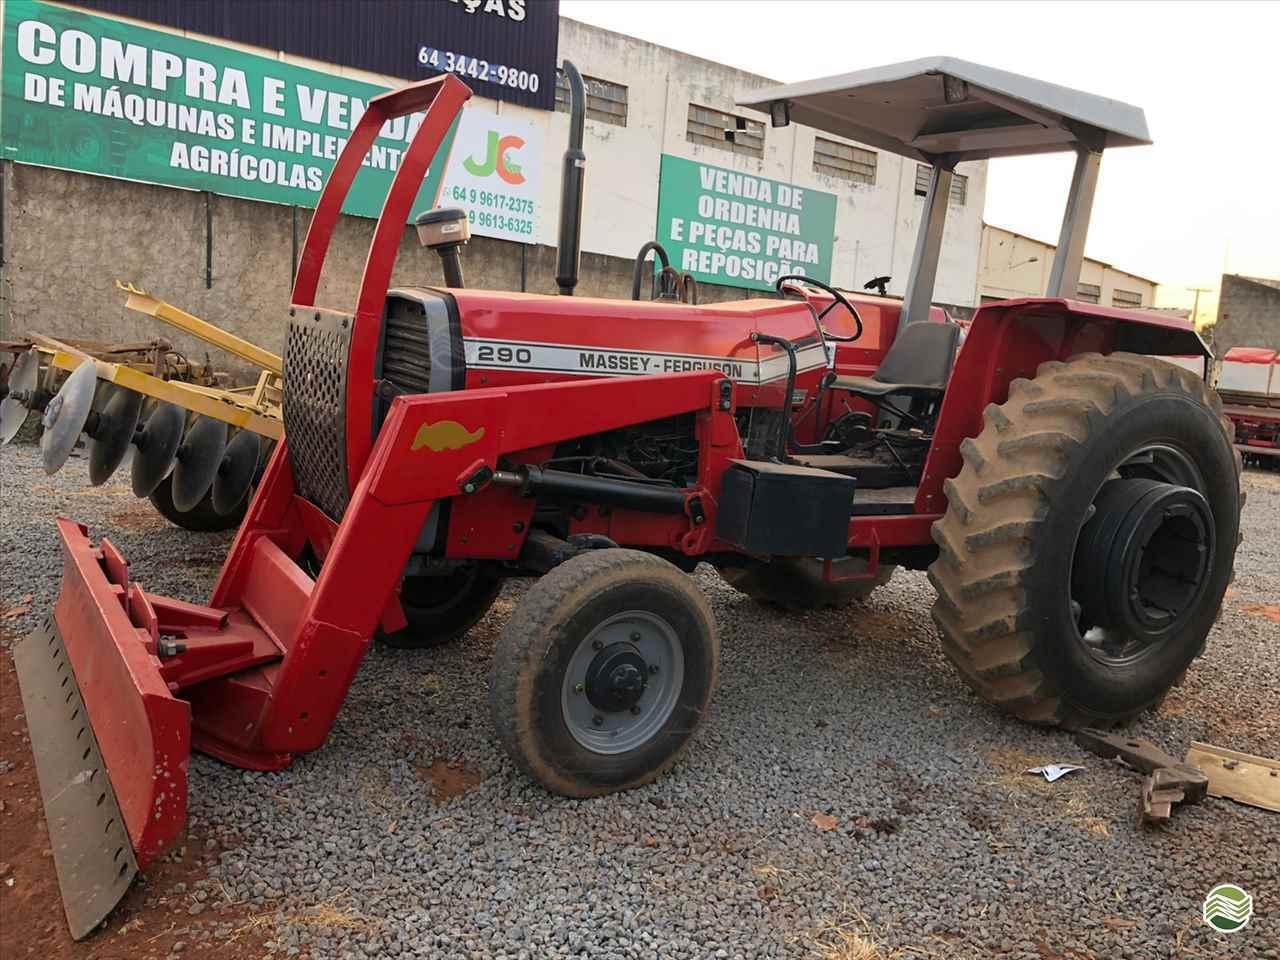 TRATOR MASSEY FERGUSON MF 290 Tração 4x2 JC Máquinas Agrícolas CATALAO GOIAS GO